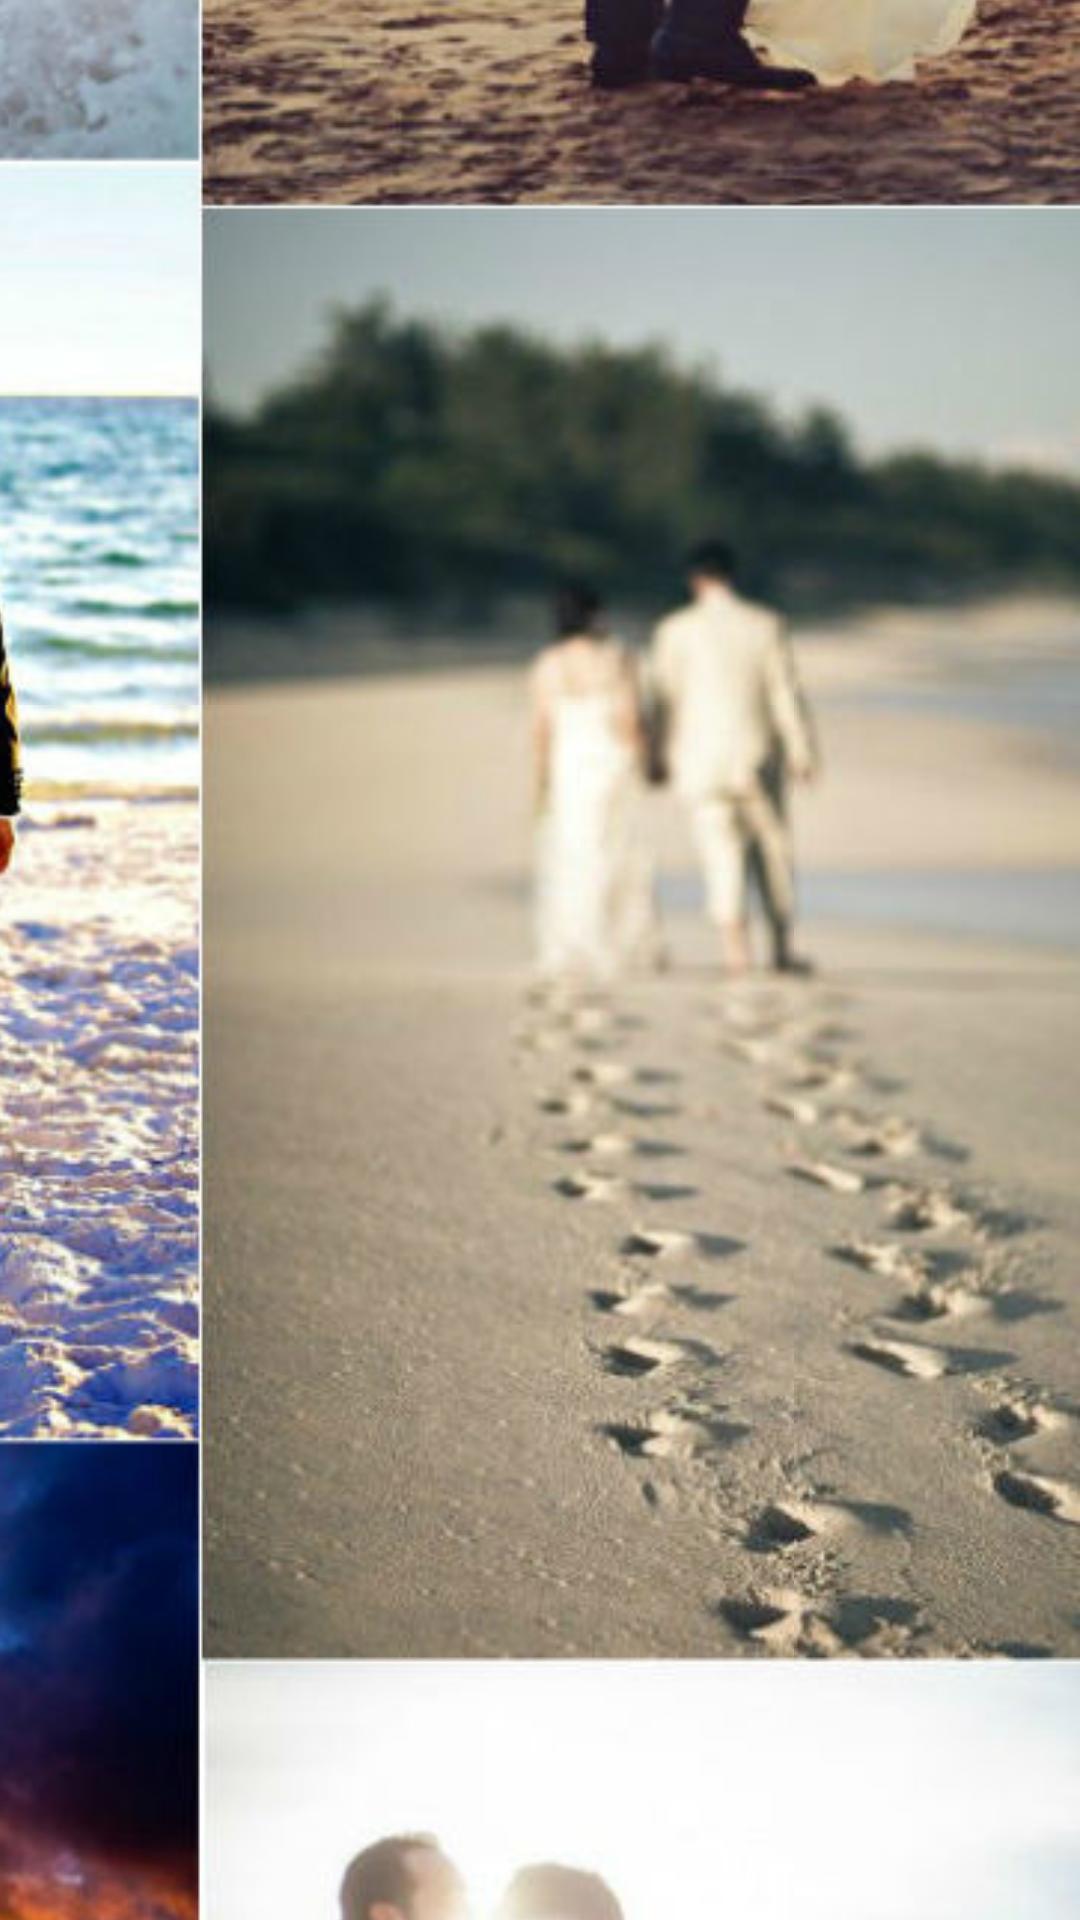 Pin By Miki Johnson On Canon 7d Mark Ii Beach Wedding Photography Beach Wedding Photos Pre Wedding Photoshoot